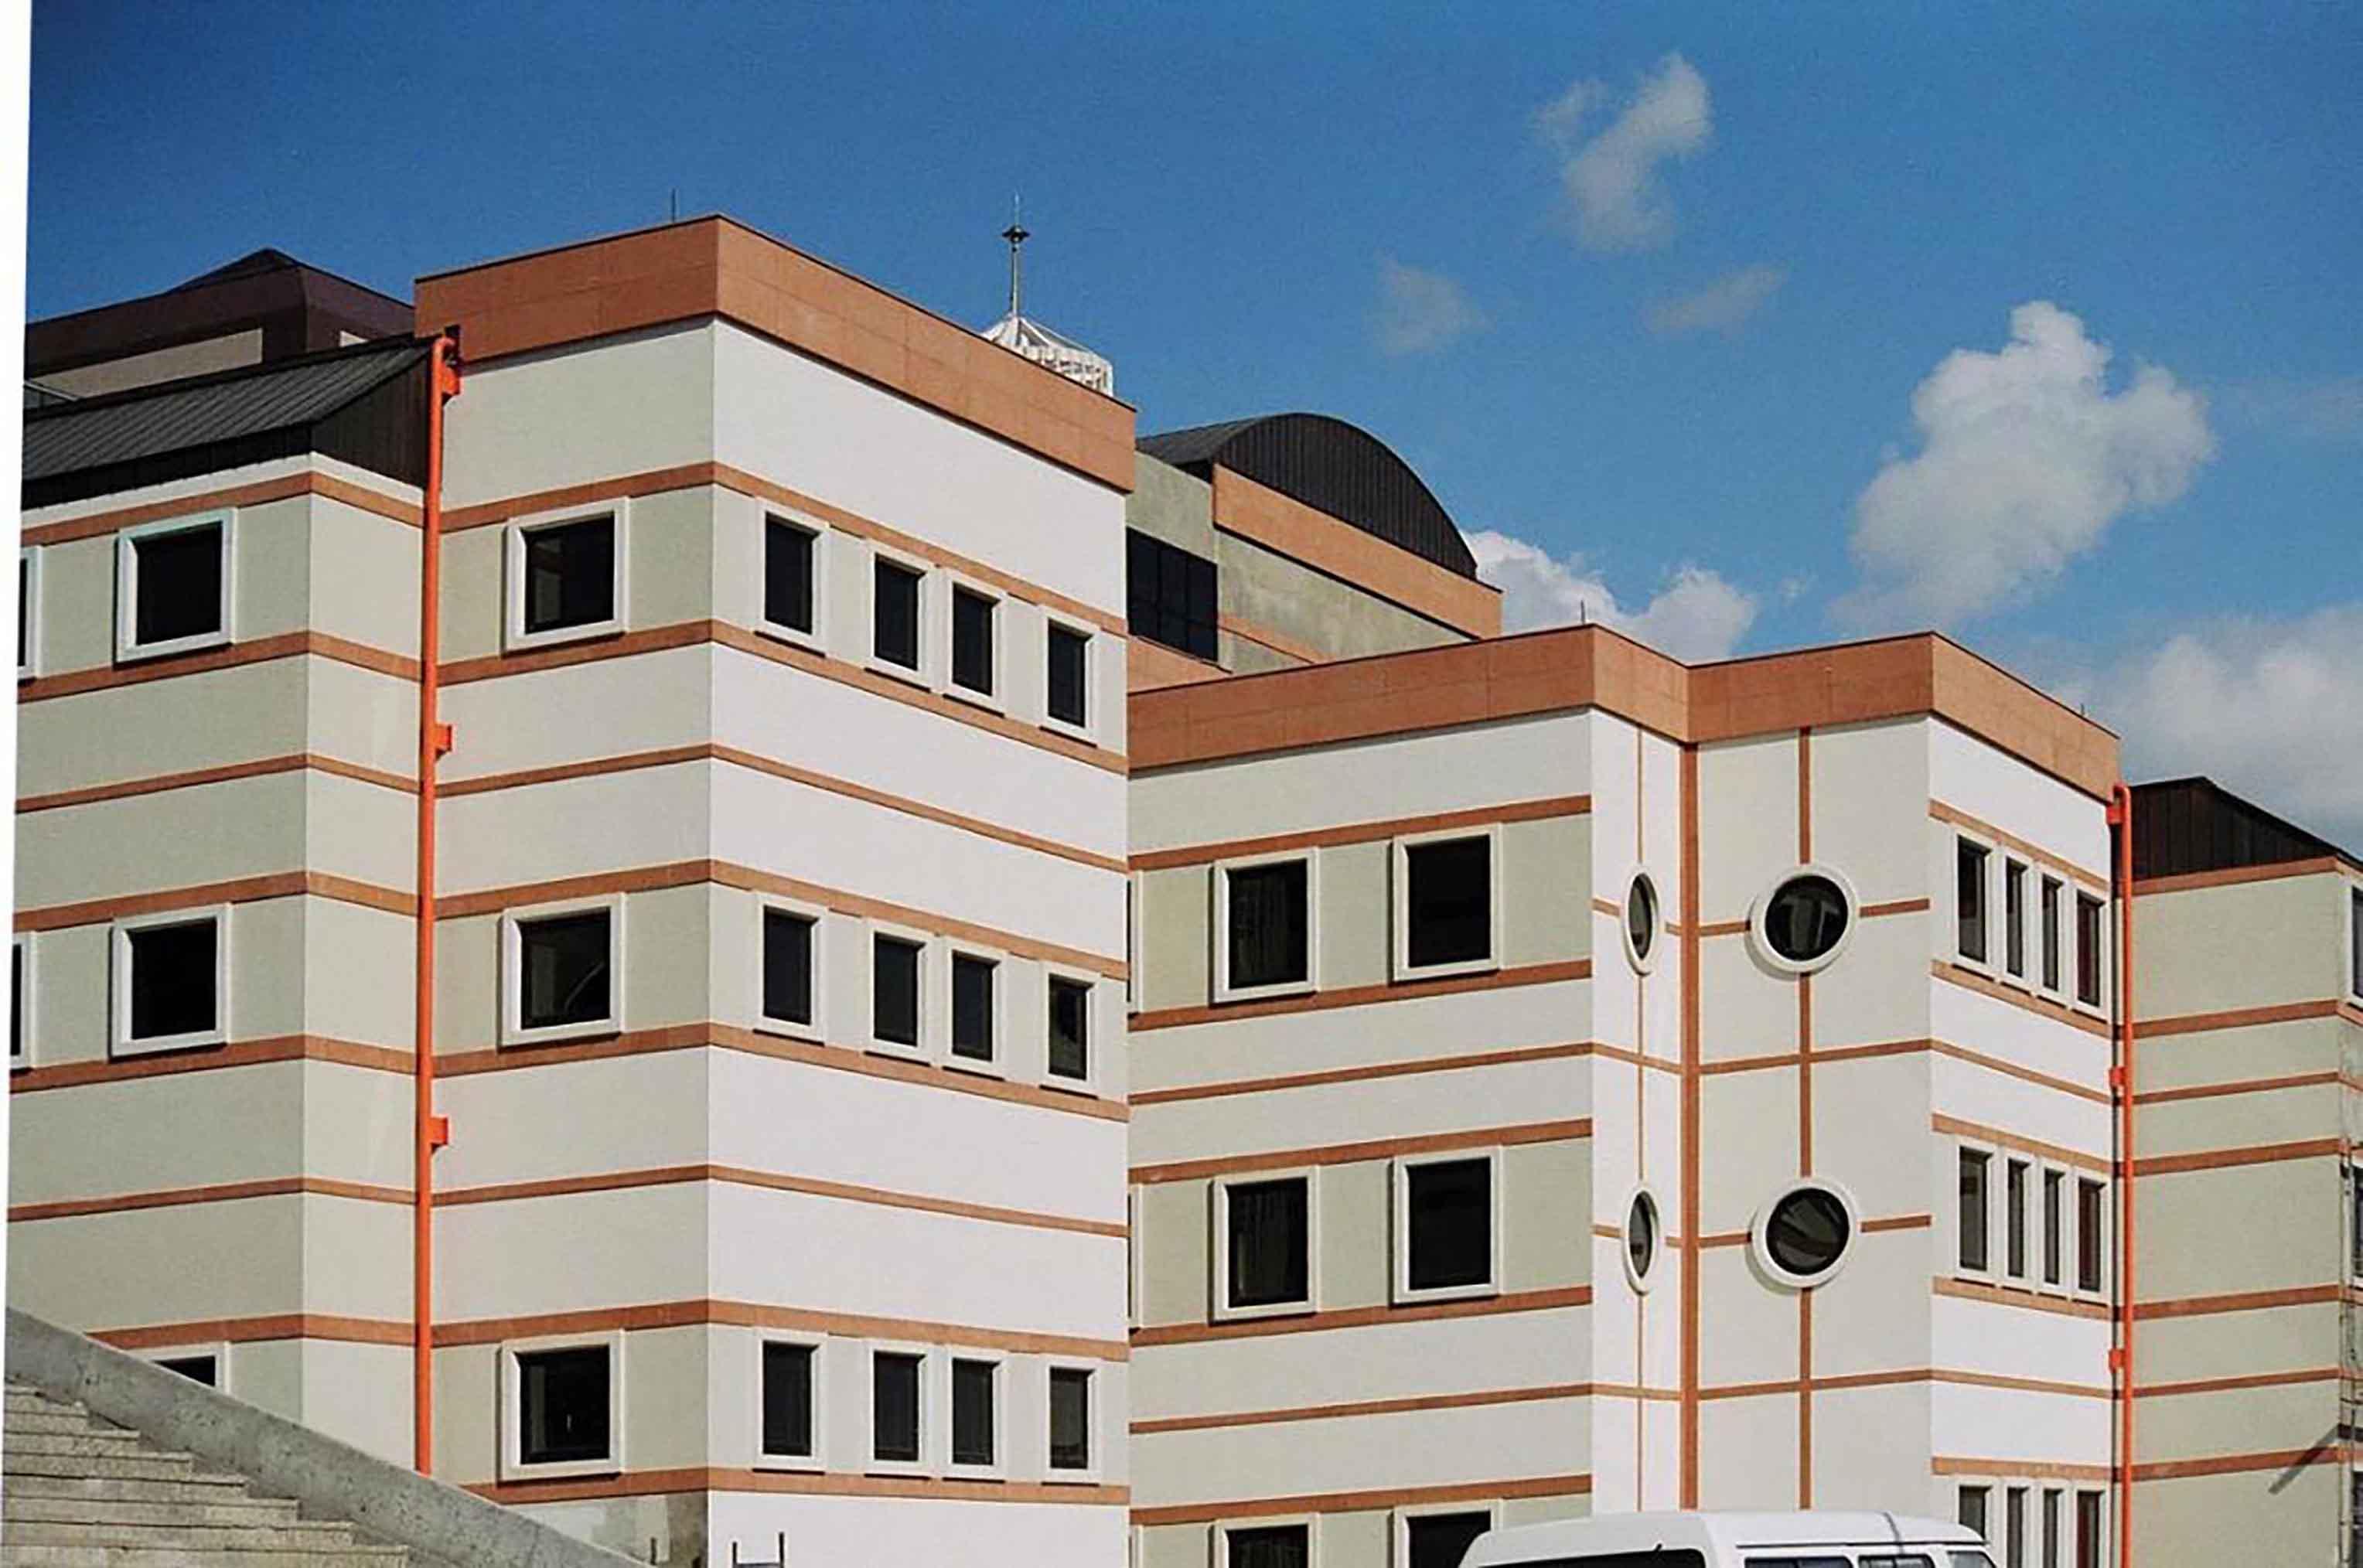 Fibrobeton Kocaeli University Medical Faculty Hospital